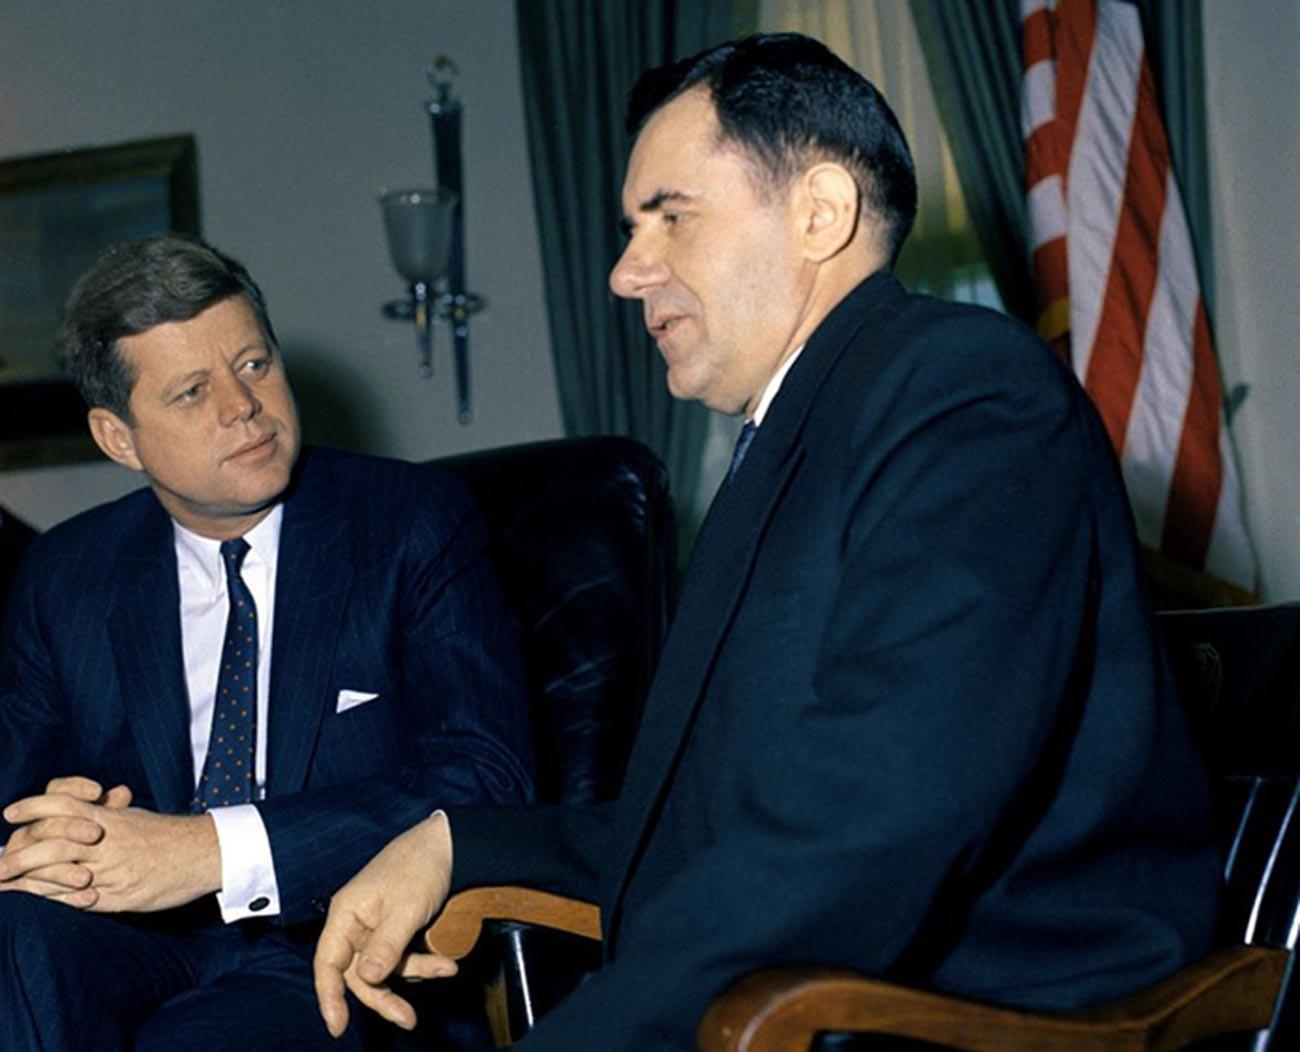 ジョン・F・ケネディとアンドレイ・グロムイコ